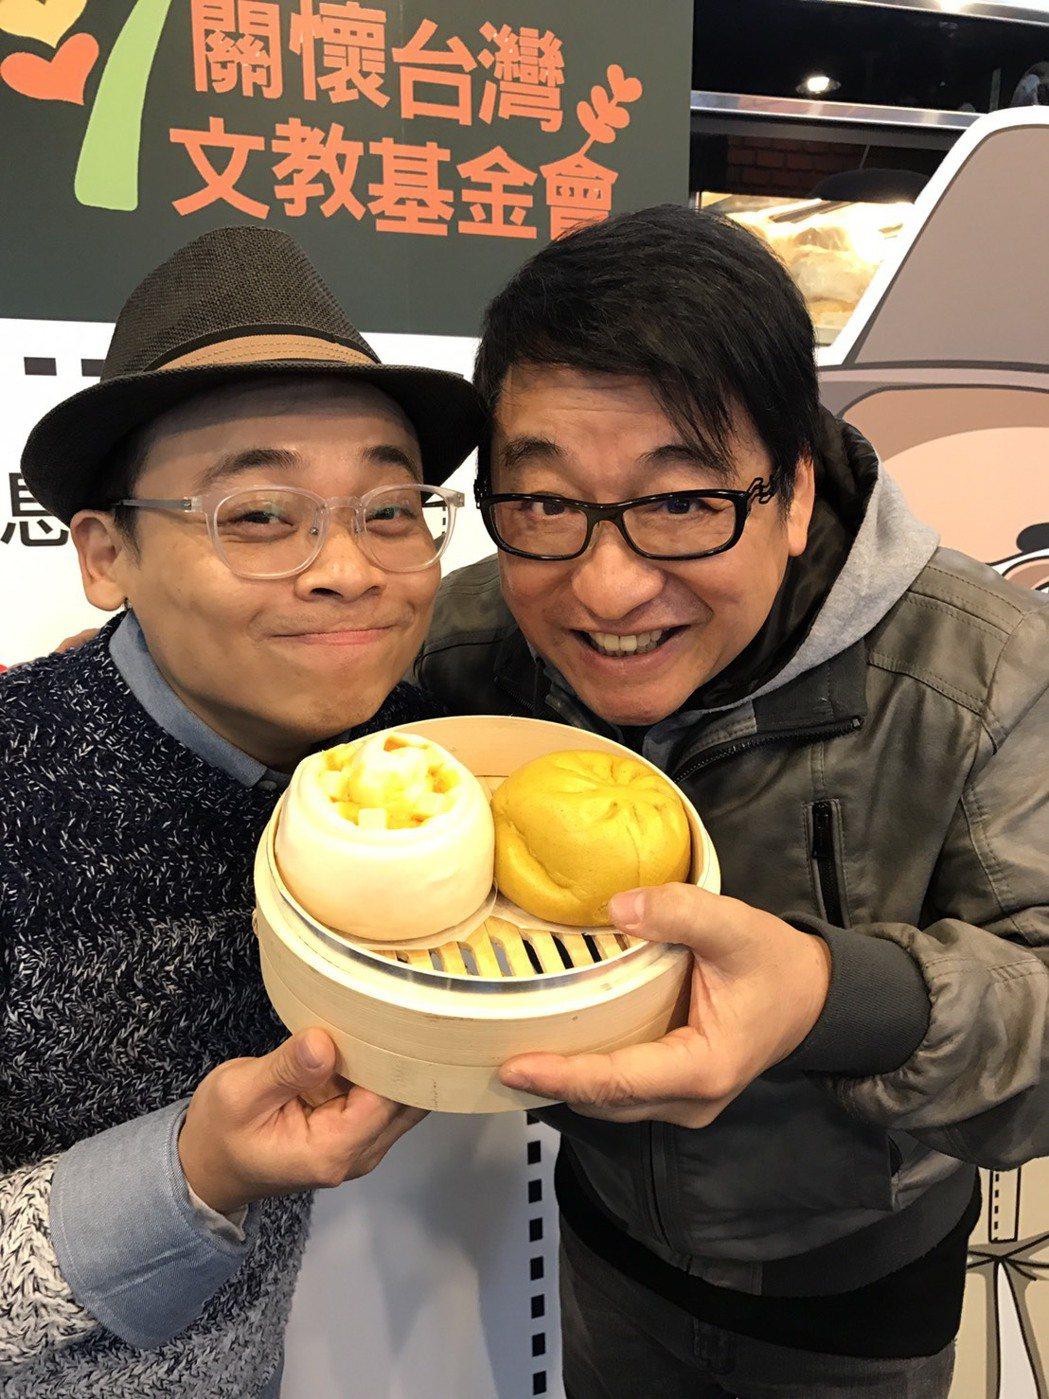 李濤(右)覺得阿松的包子裡除了美味,還有濃濃的人情味。記者葉君遠/攝影